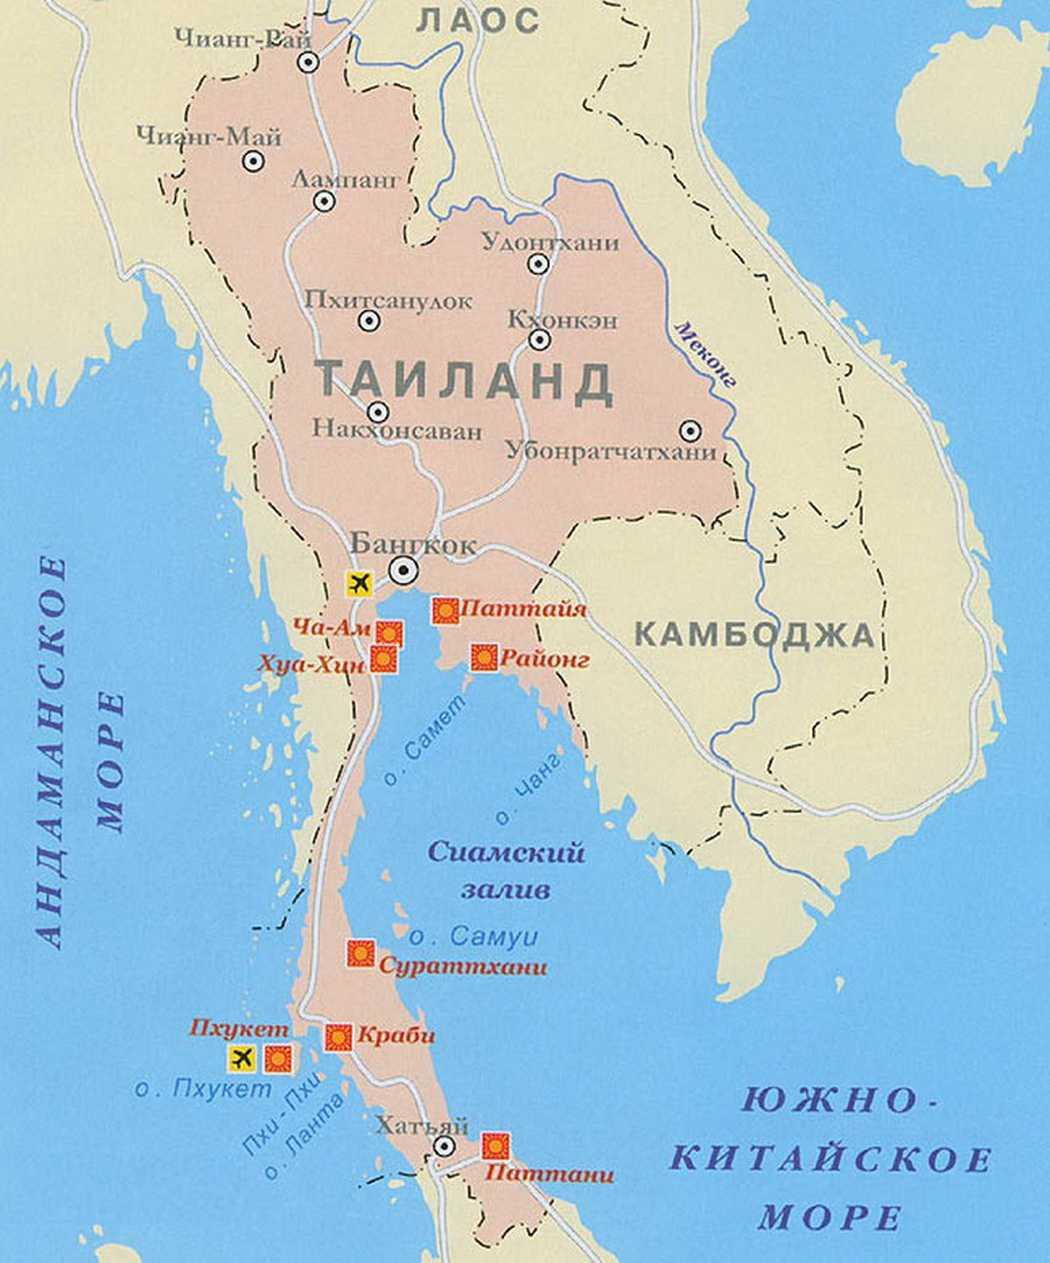 Расположено государство, омываемое водами Андаманского и Южно-Китайского морей, на территории Индокитая и Маллаки, а также на прилегающих к ним островам